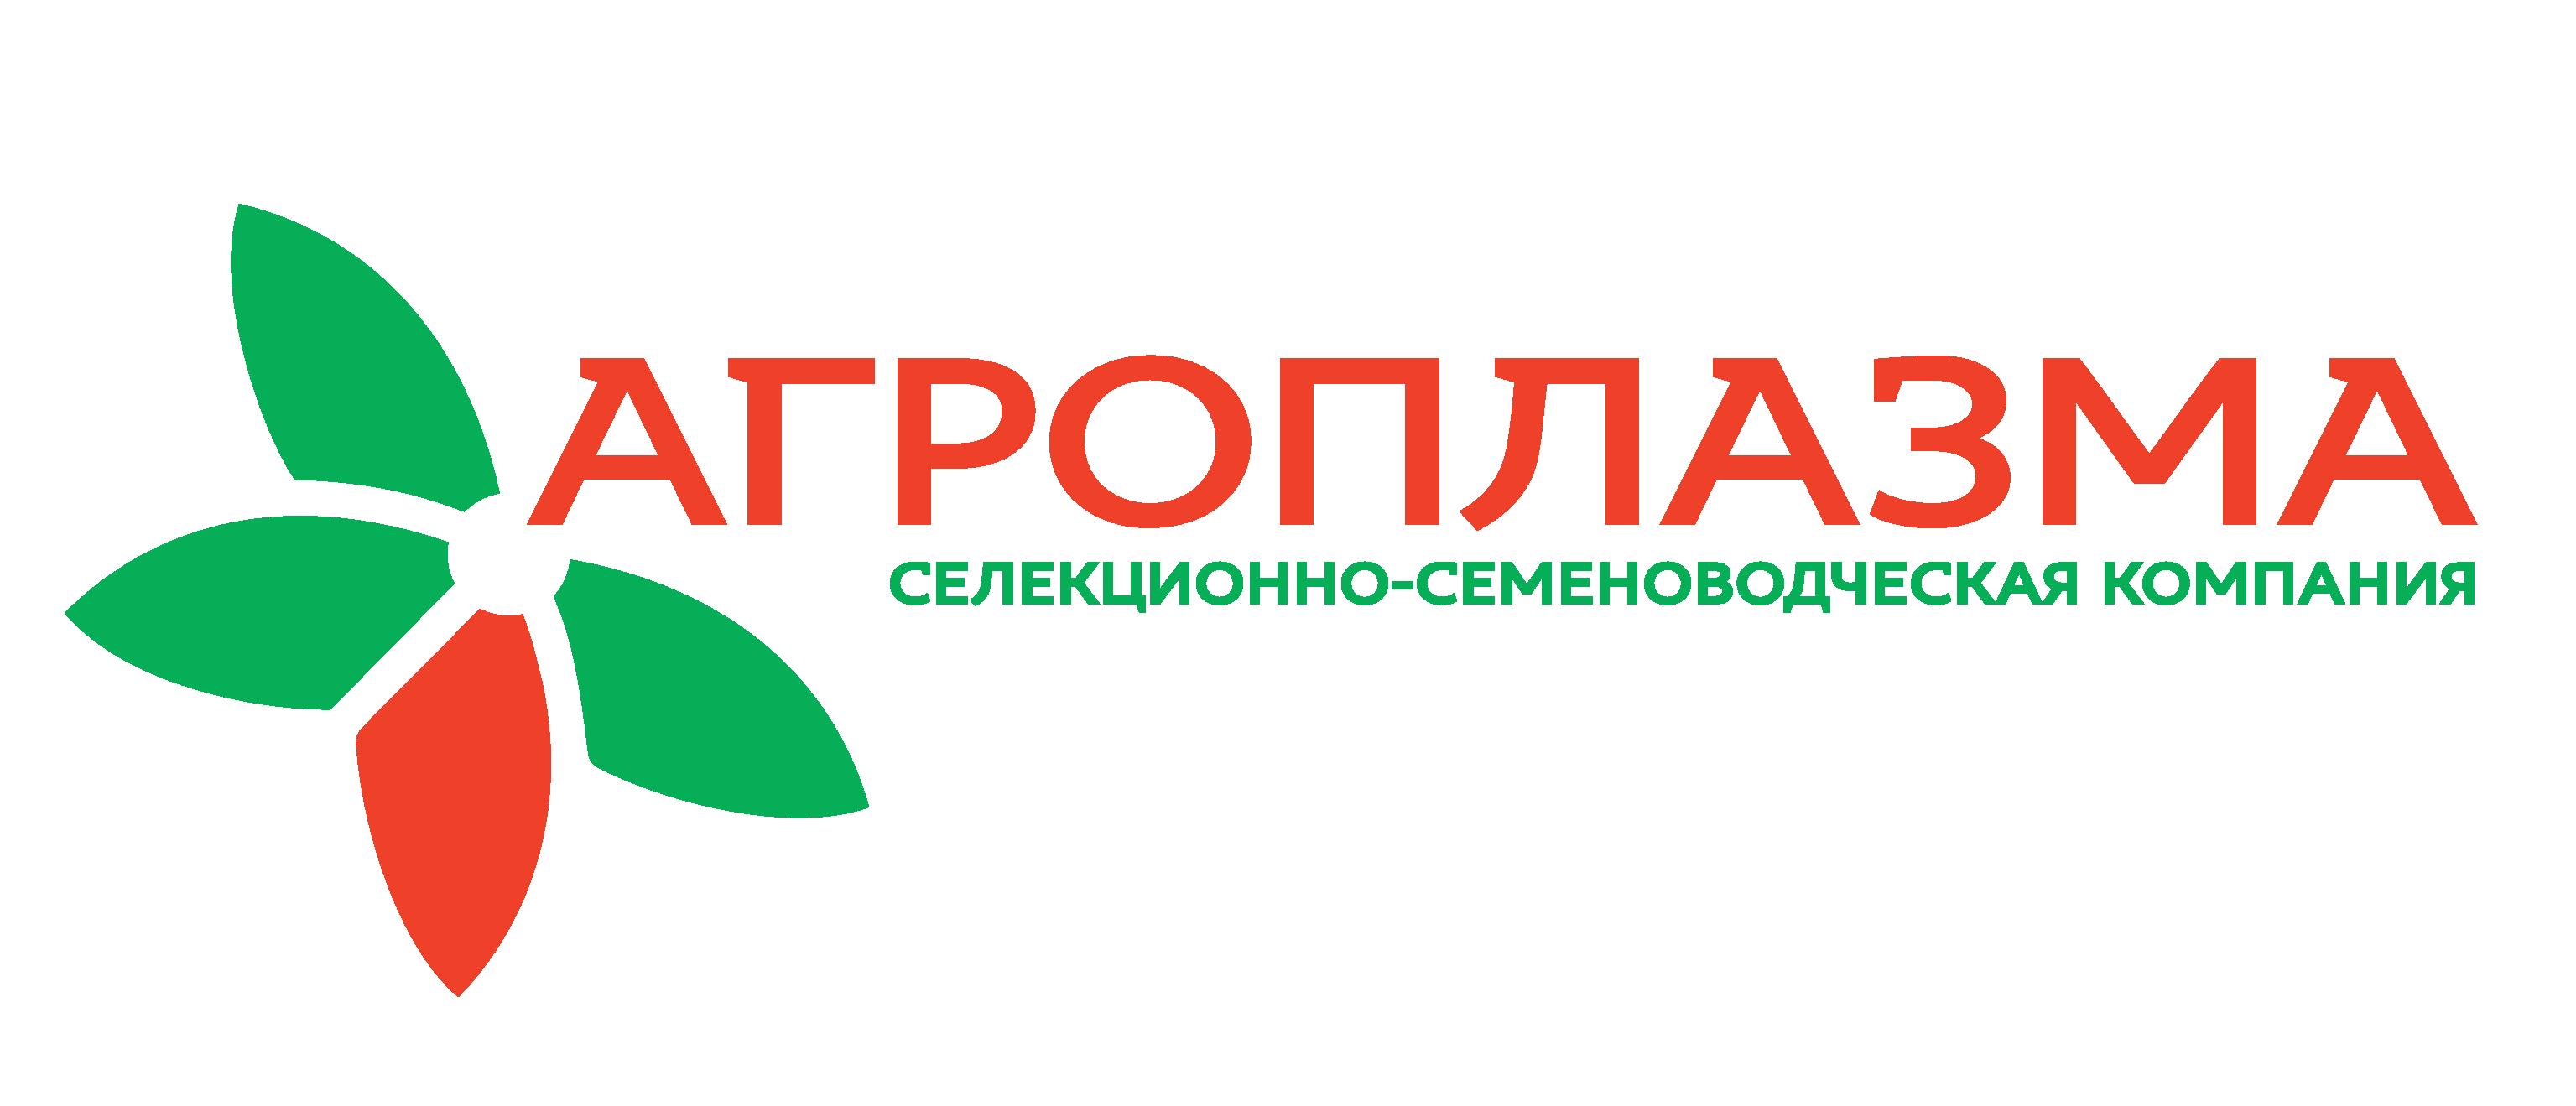 Общество с ограниченной ответственностью «АГРОПЛАЗМА», ИНН 2311060207